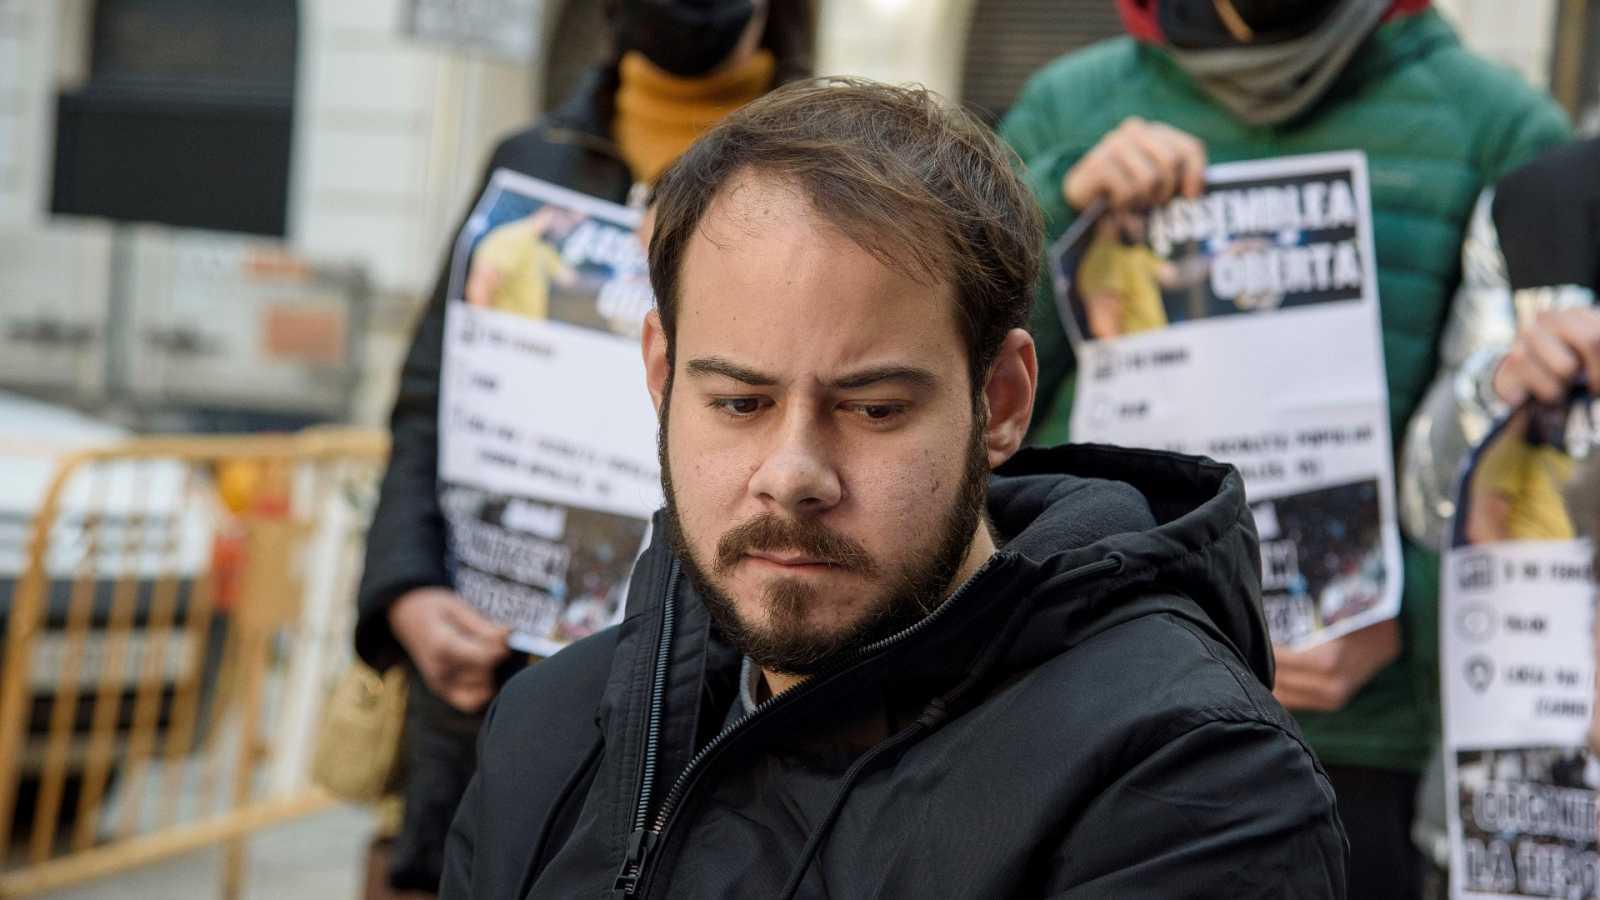 """El rapero Pablo Hasel, a seis días de ingresar en prisión: """"Es un ataque contra las libertades democráticas"""""""